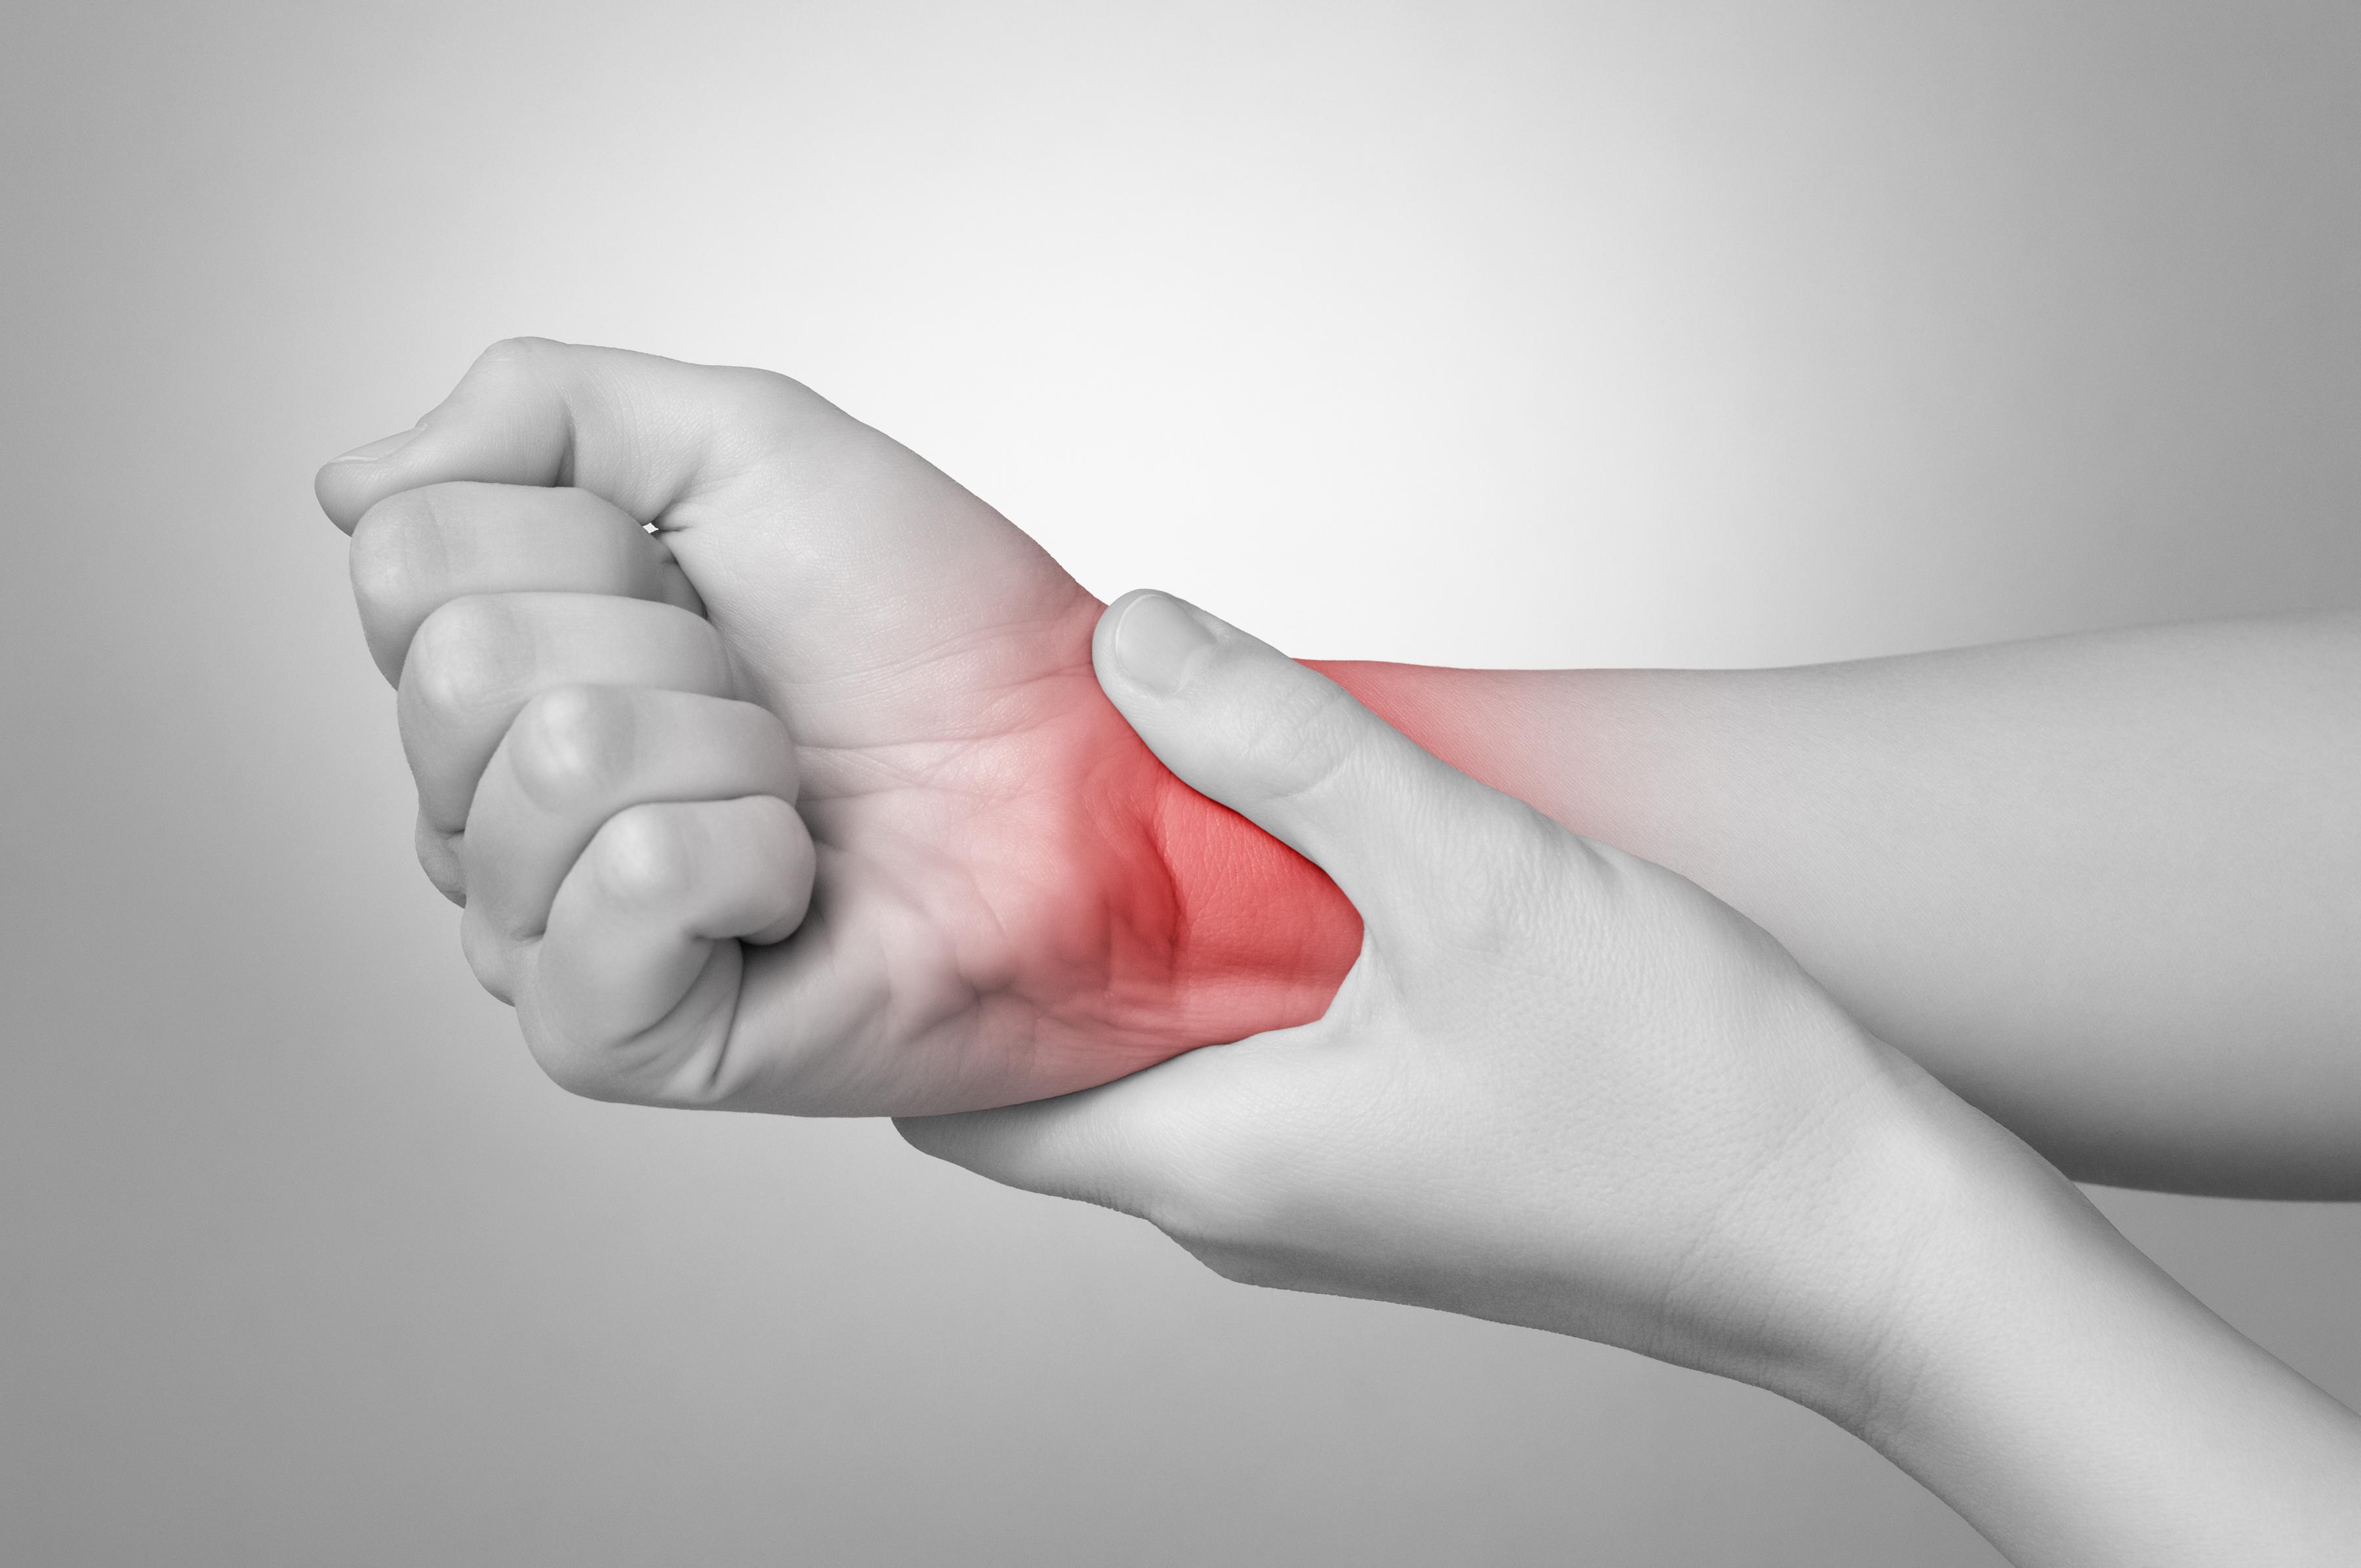 Đau cổ tay khi chơi thể thao là dấu hiệu của bệnh gì 1